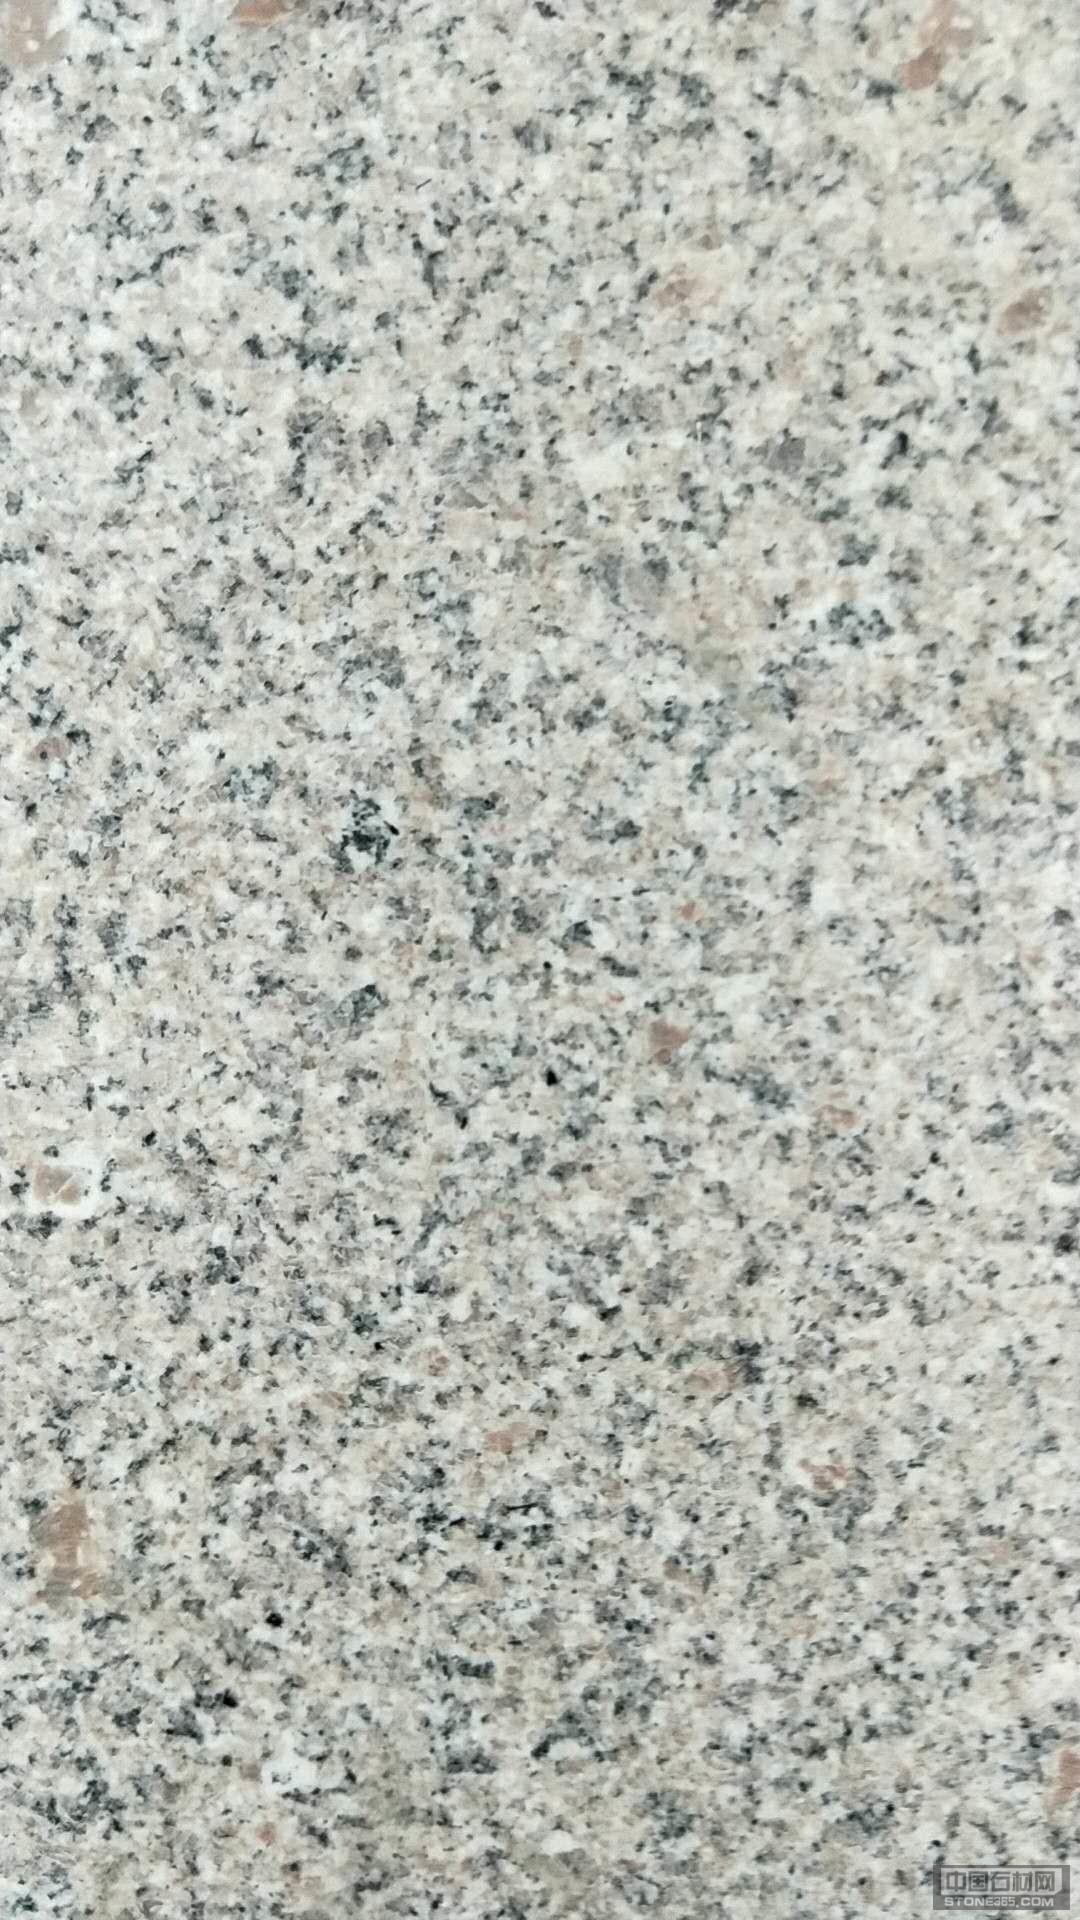 安徽芝麻白石材